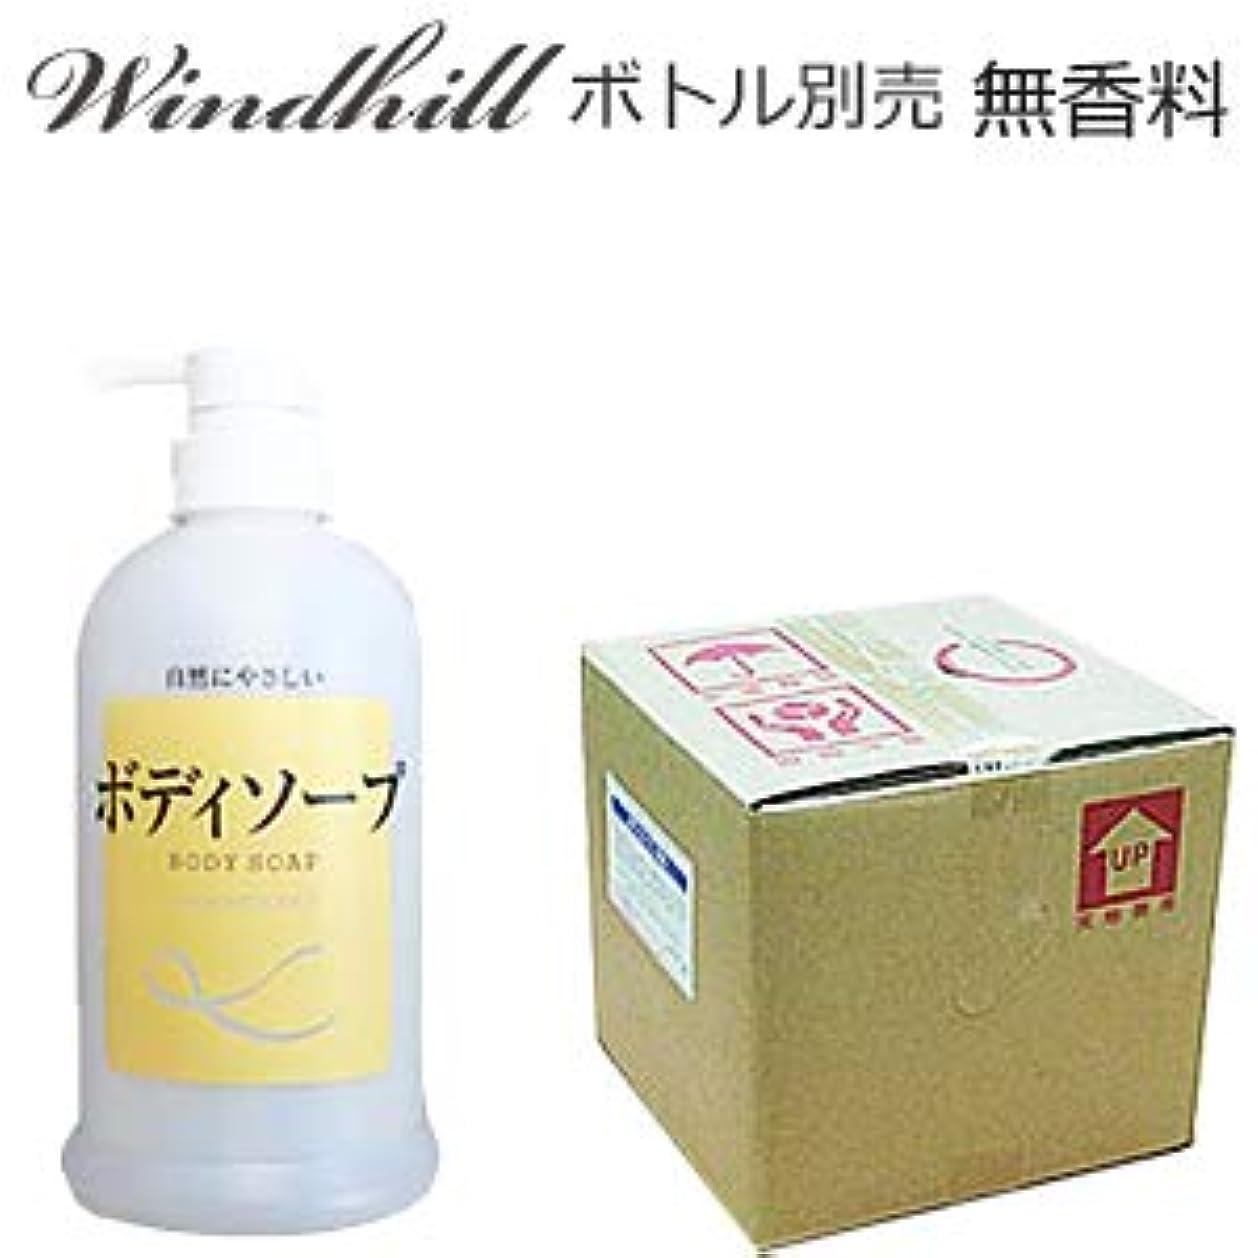 ギャラントリー政治家電話をかけるWindhill 植物性 業務用ボディソープ 無香料 20L(1セット20L入)